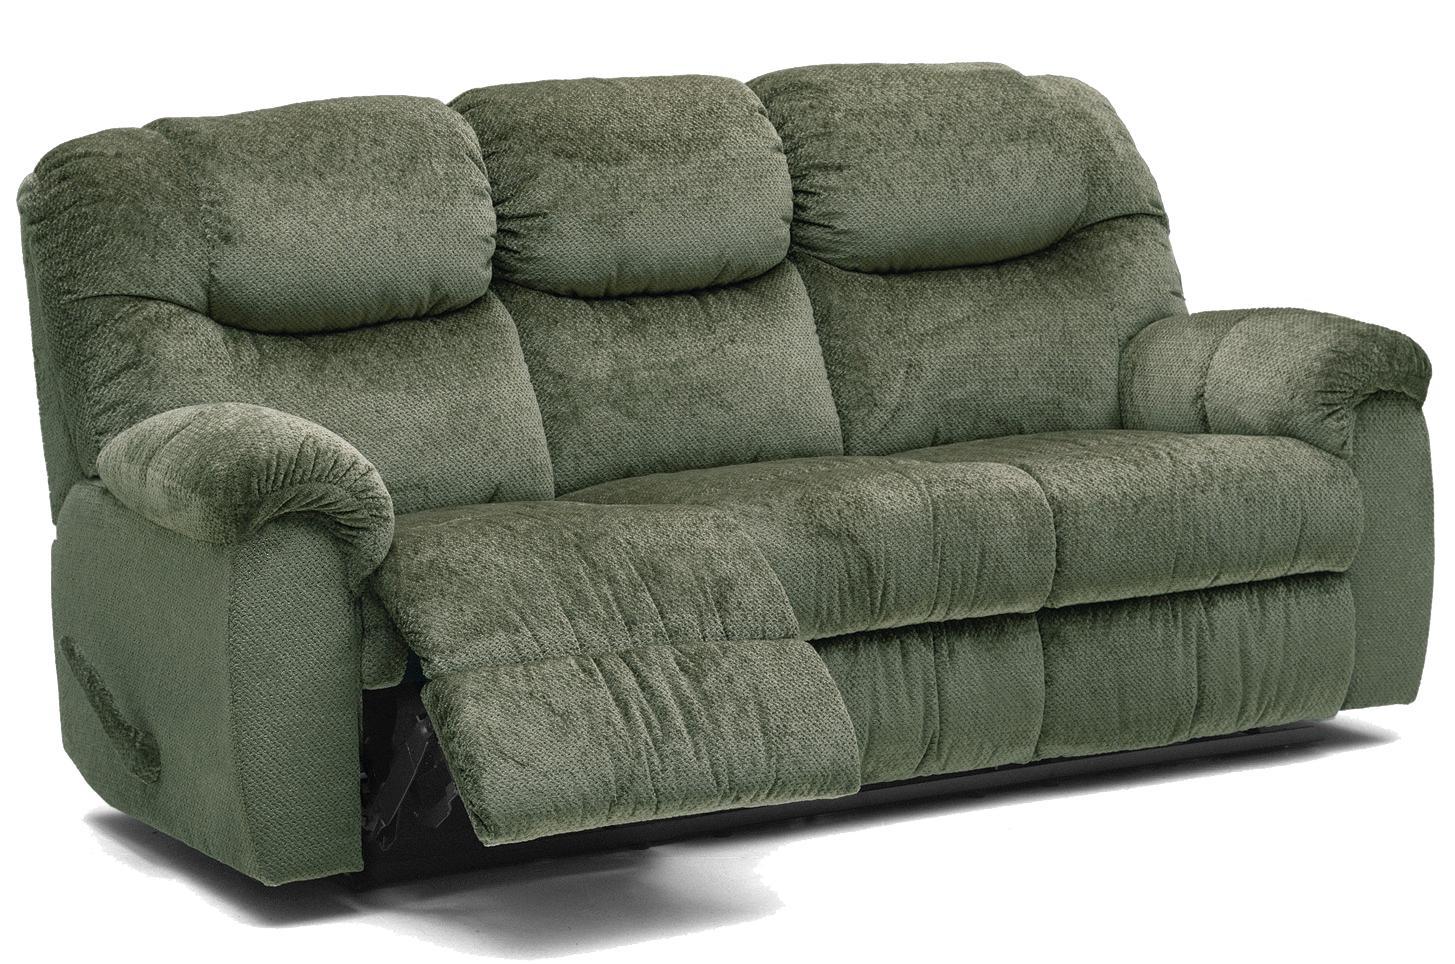 Palliser RegentReclining Sofa; Palliser RegentReclining Sofa